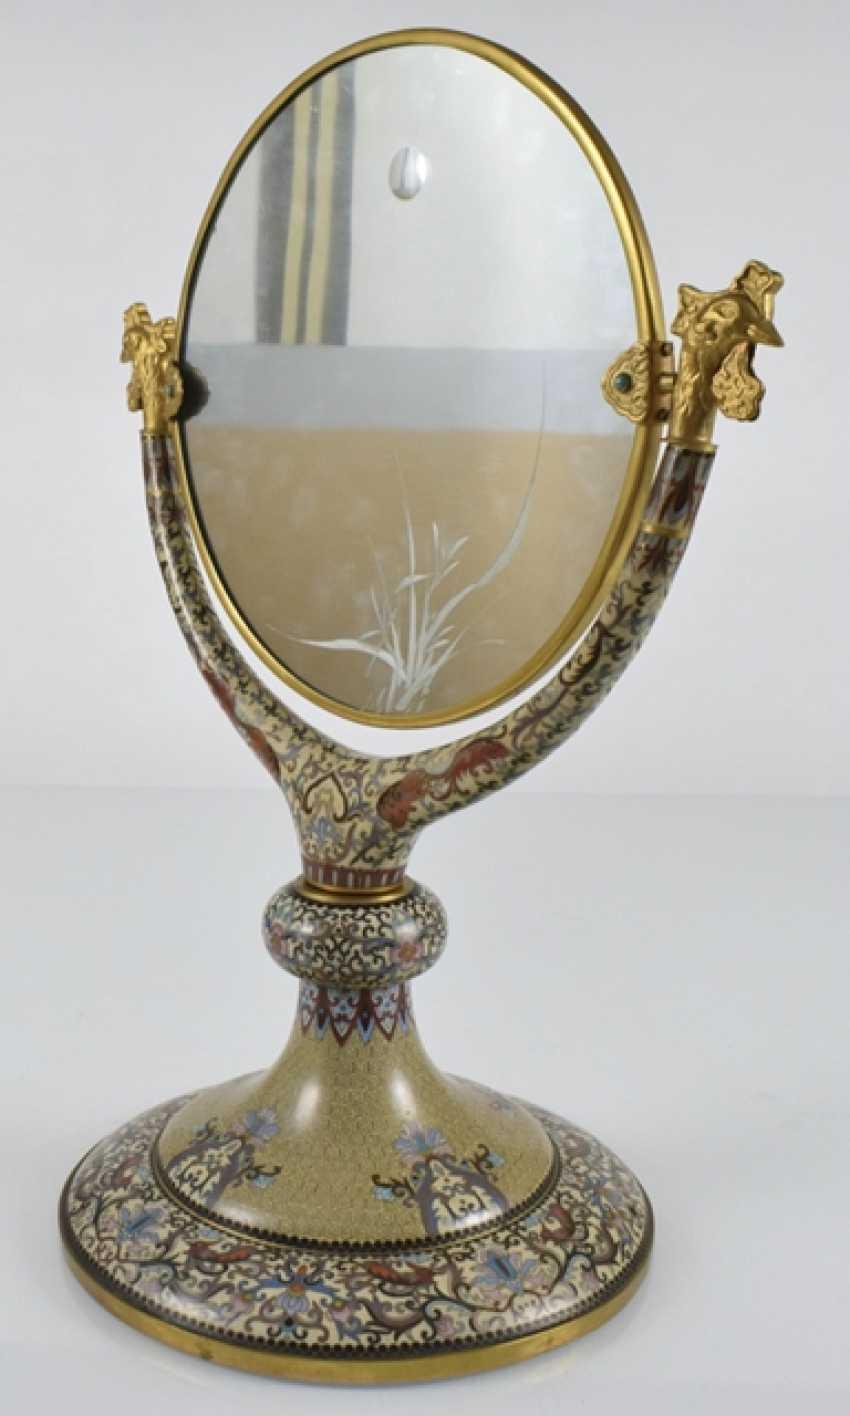 Spiegel mit Cloisonné-Dekor auf Stand, die Spiegelfläche graviert - Foto 4